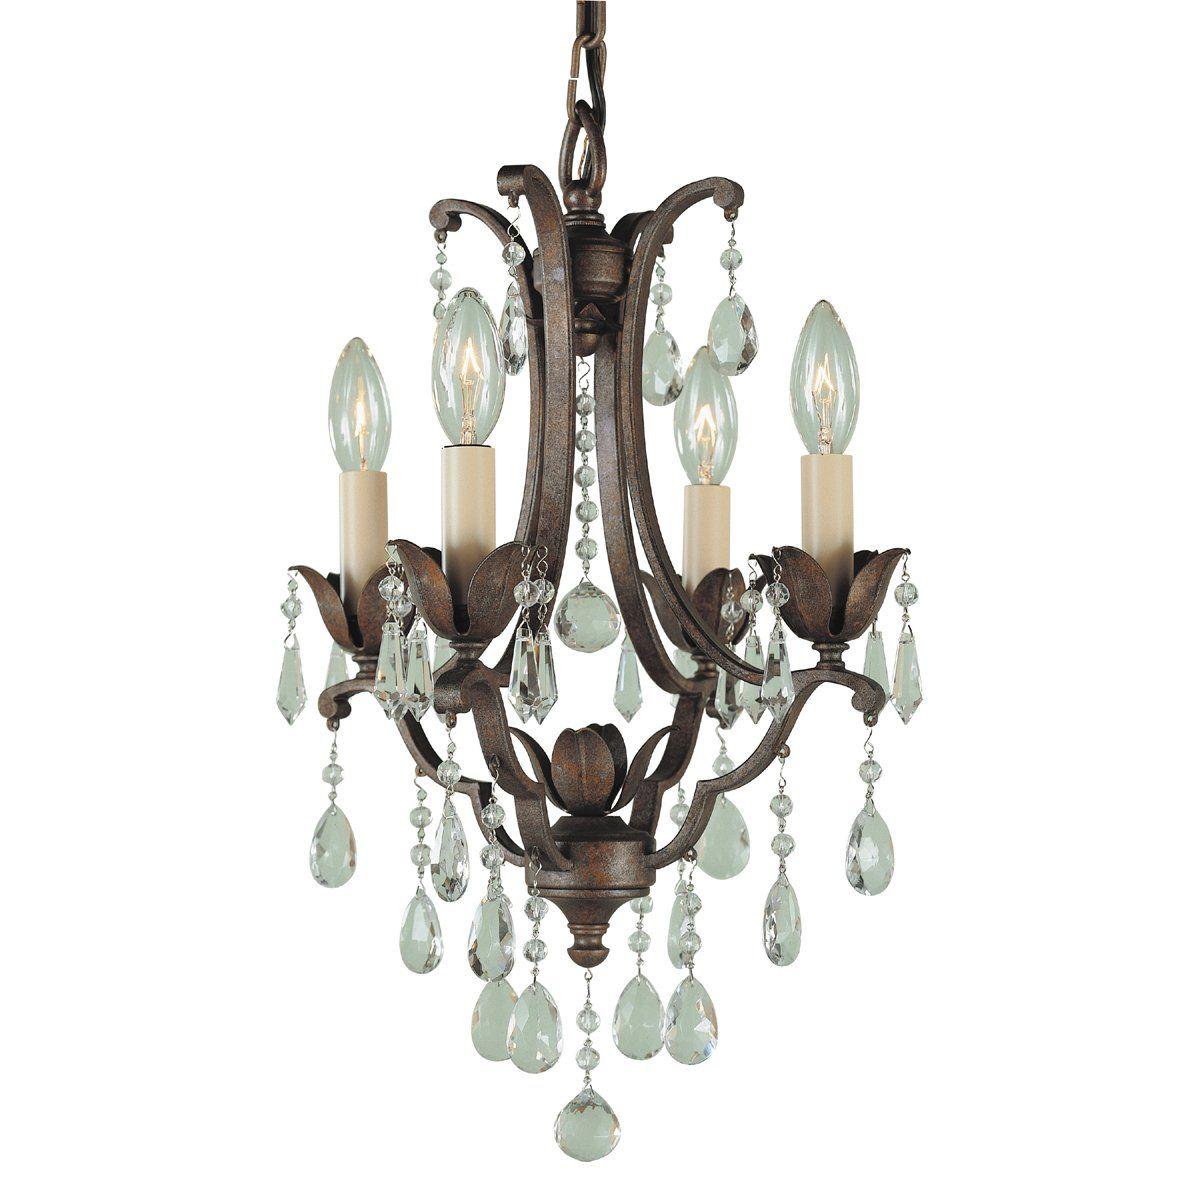 Shop feiss f18814brb 4 light maison ville duomount chandelier at shop feiss f18814brb 4 light maison ville duomount chandelier at atg stores browse arubaitofo Images